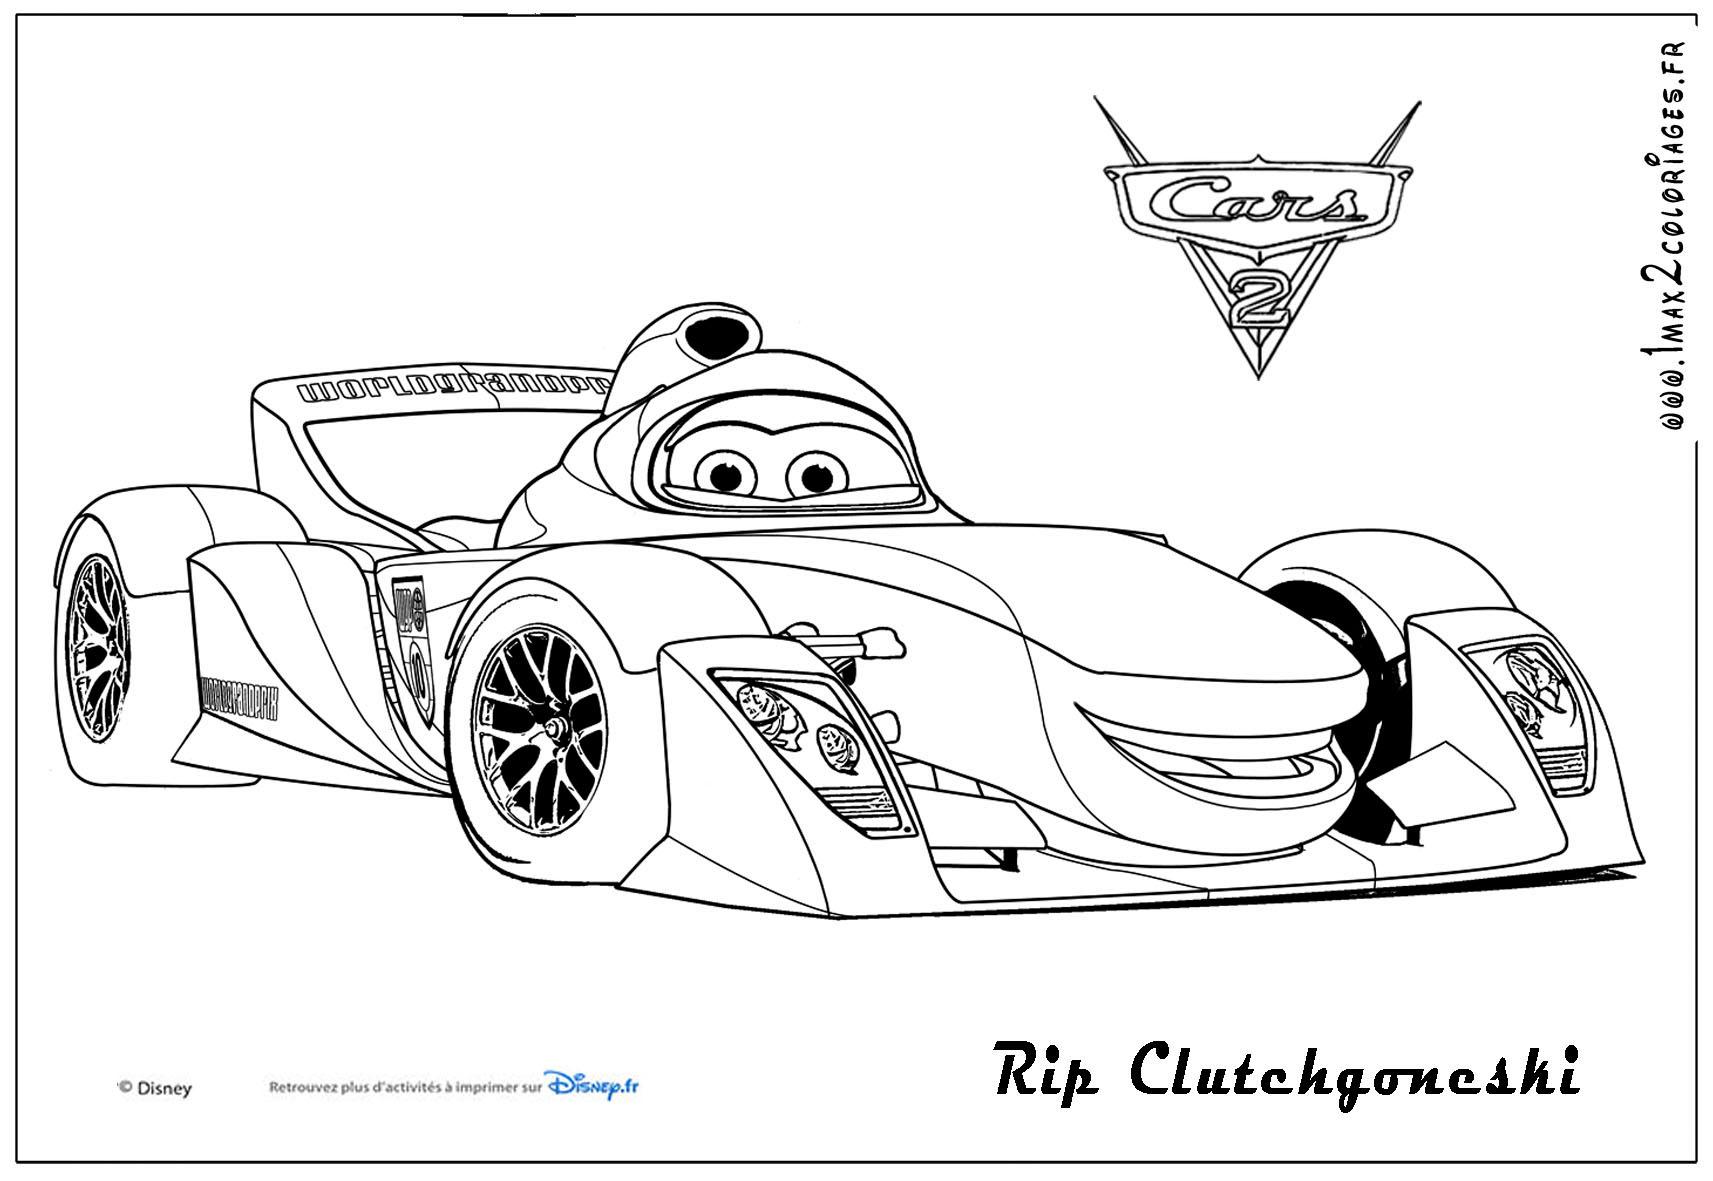 Coloriages cars 2 - Rip Clutchgoneski Cars 2 - Coloriages les Bagnoles 2